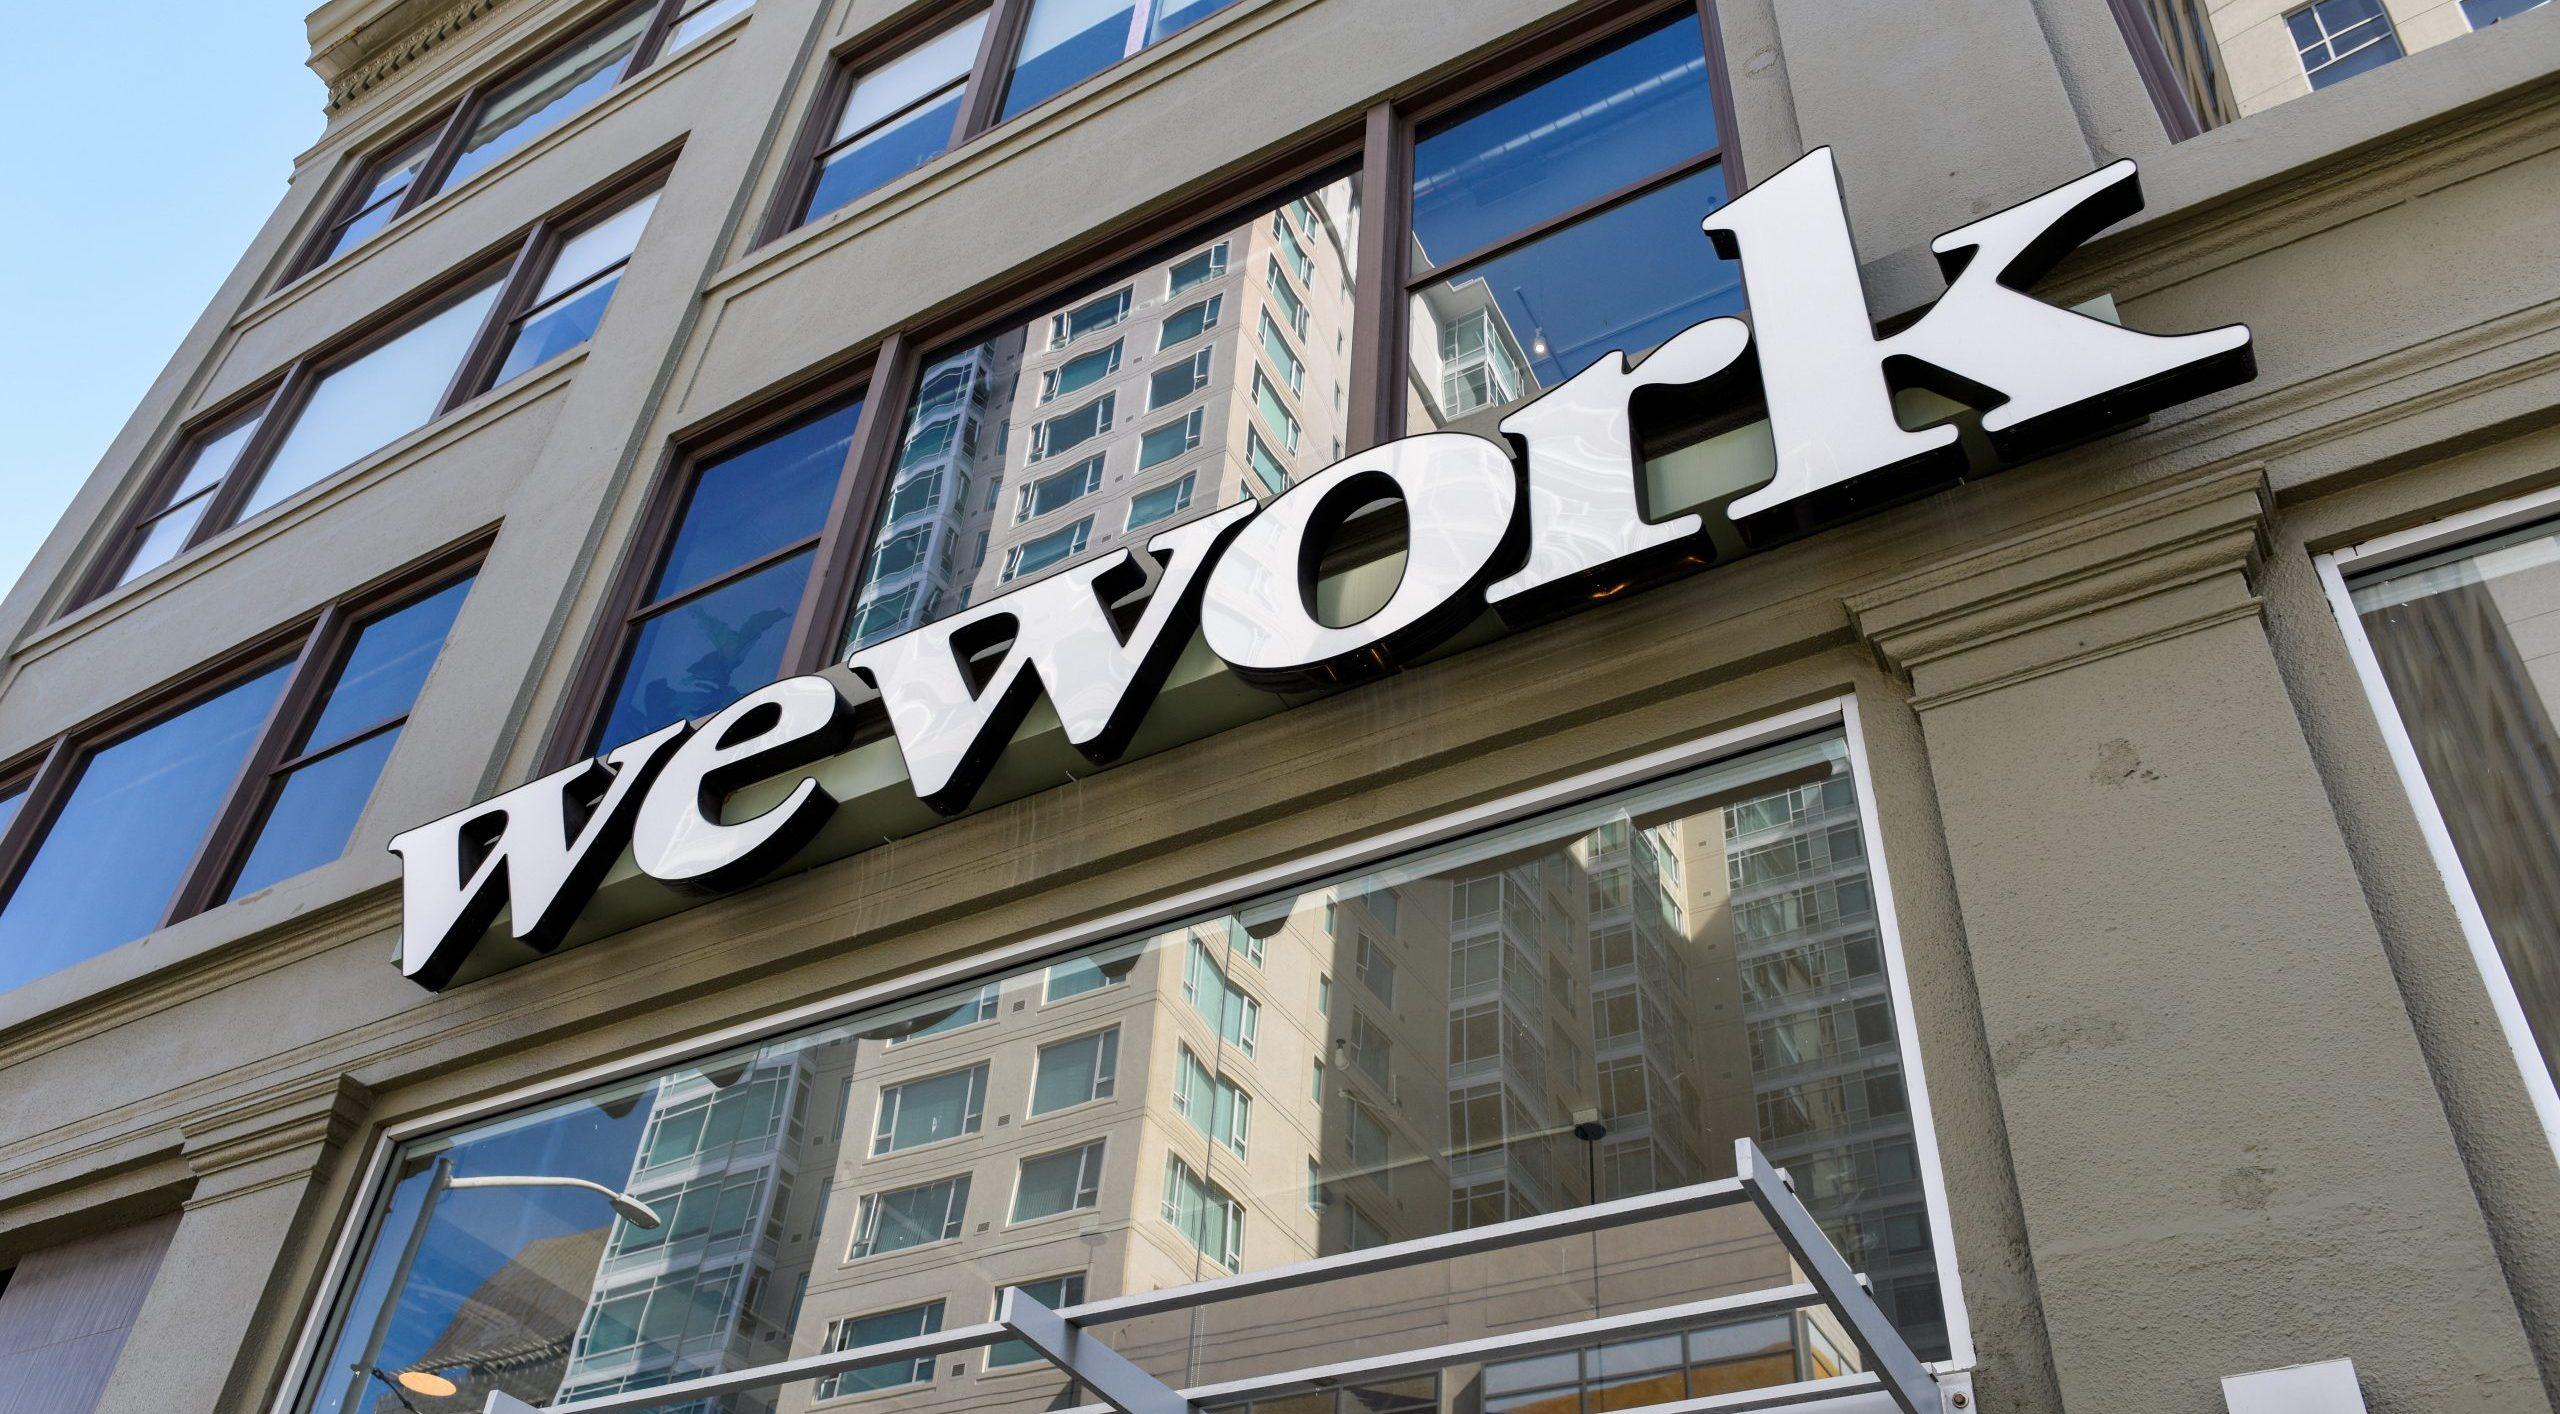 WeWork alista despido de al menos 4,000 trabajadores: NYT